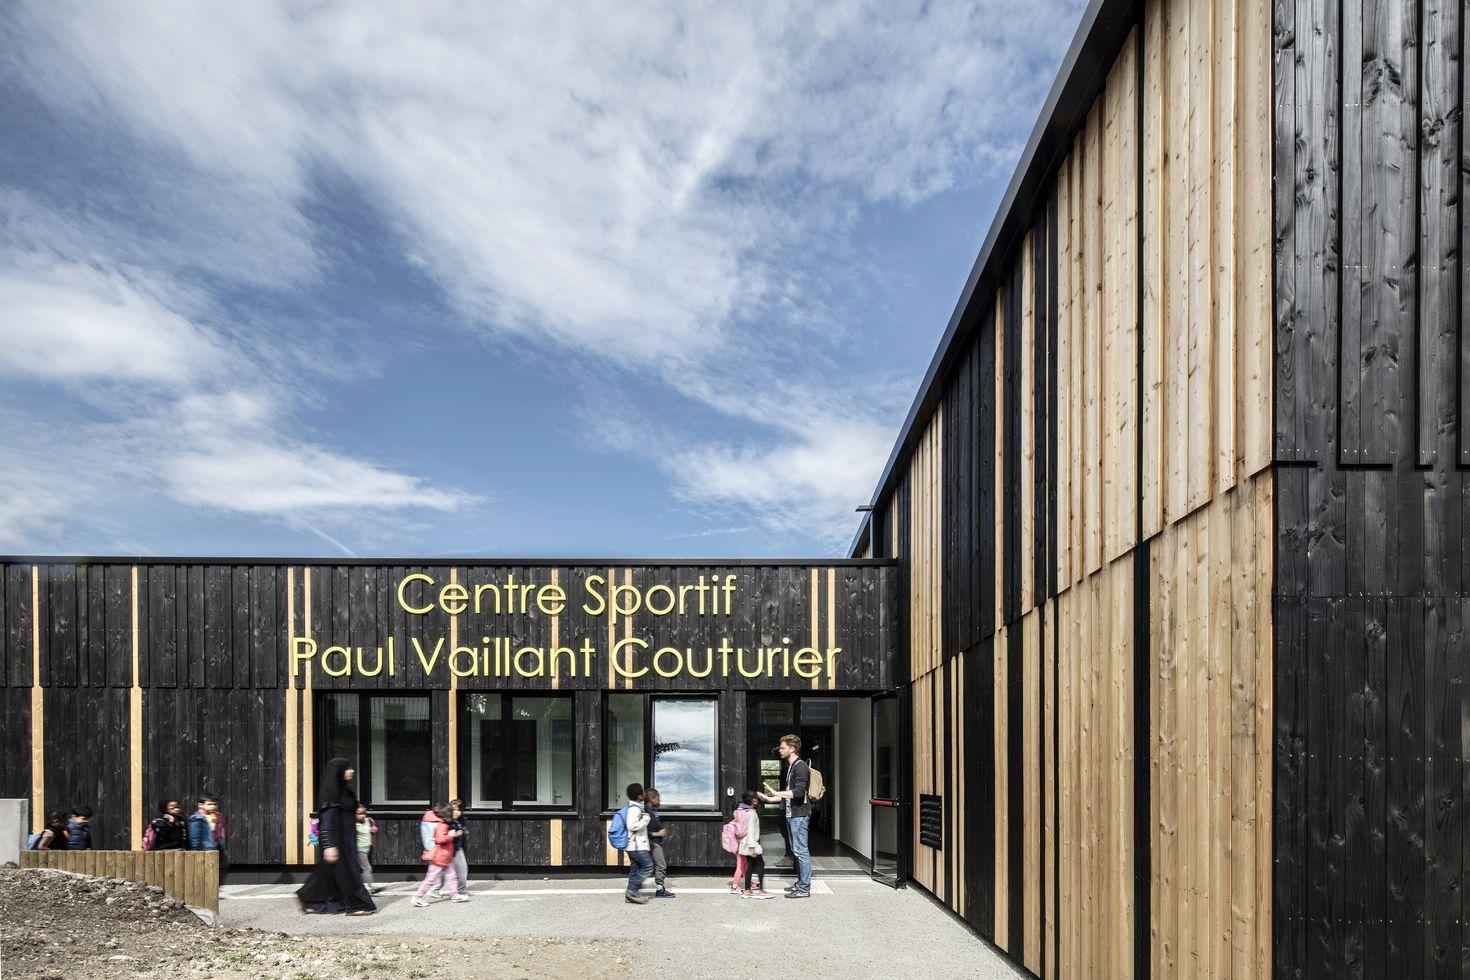 bon Centre sportif Paul Vaillant-Couturier à Nanterre, 92. Galerie du0027images. u2022  · u2022 · u2022 · u2022 · u2022 ...